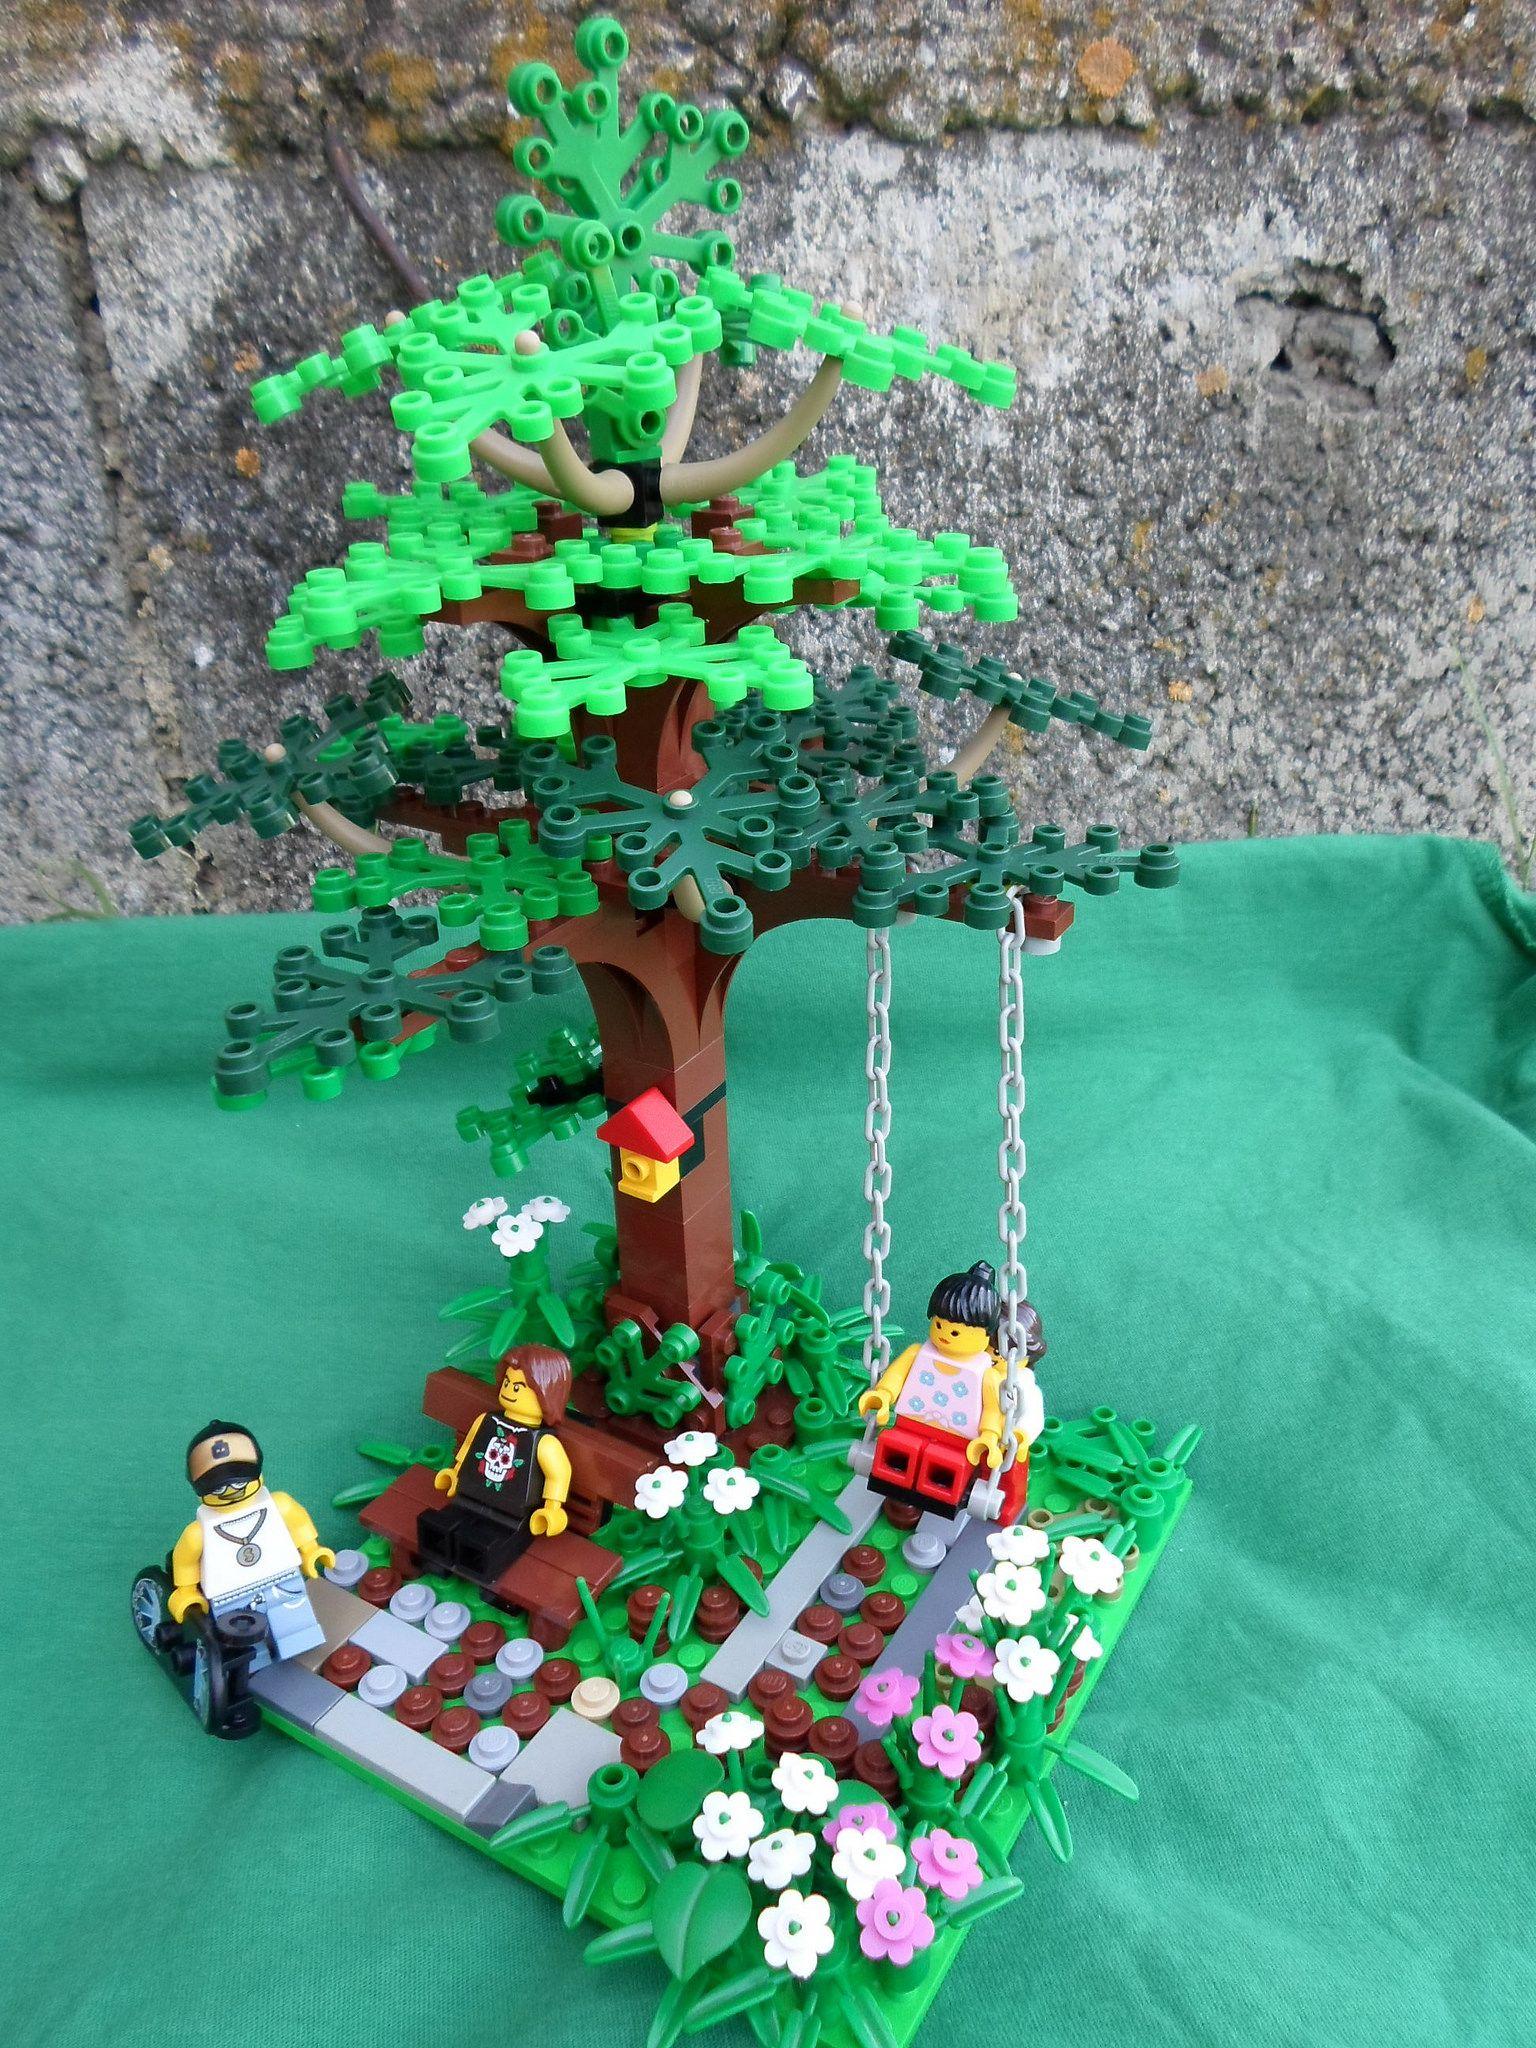 Lego Wüsten Minifig Keks Nahrung Wirbel Schokoladensplitter Donuts Erdbeere